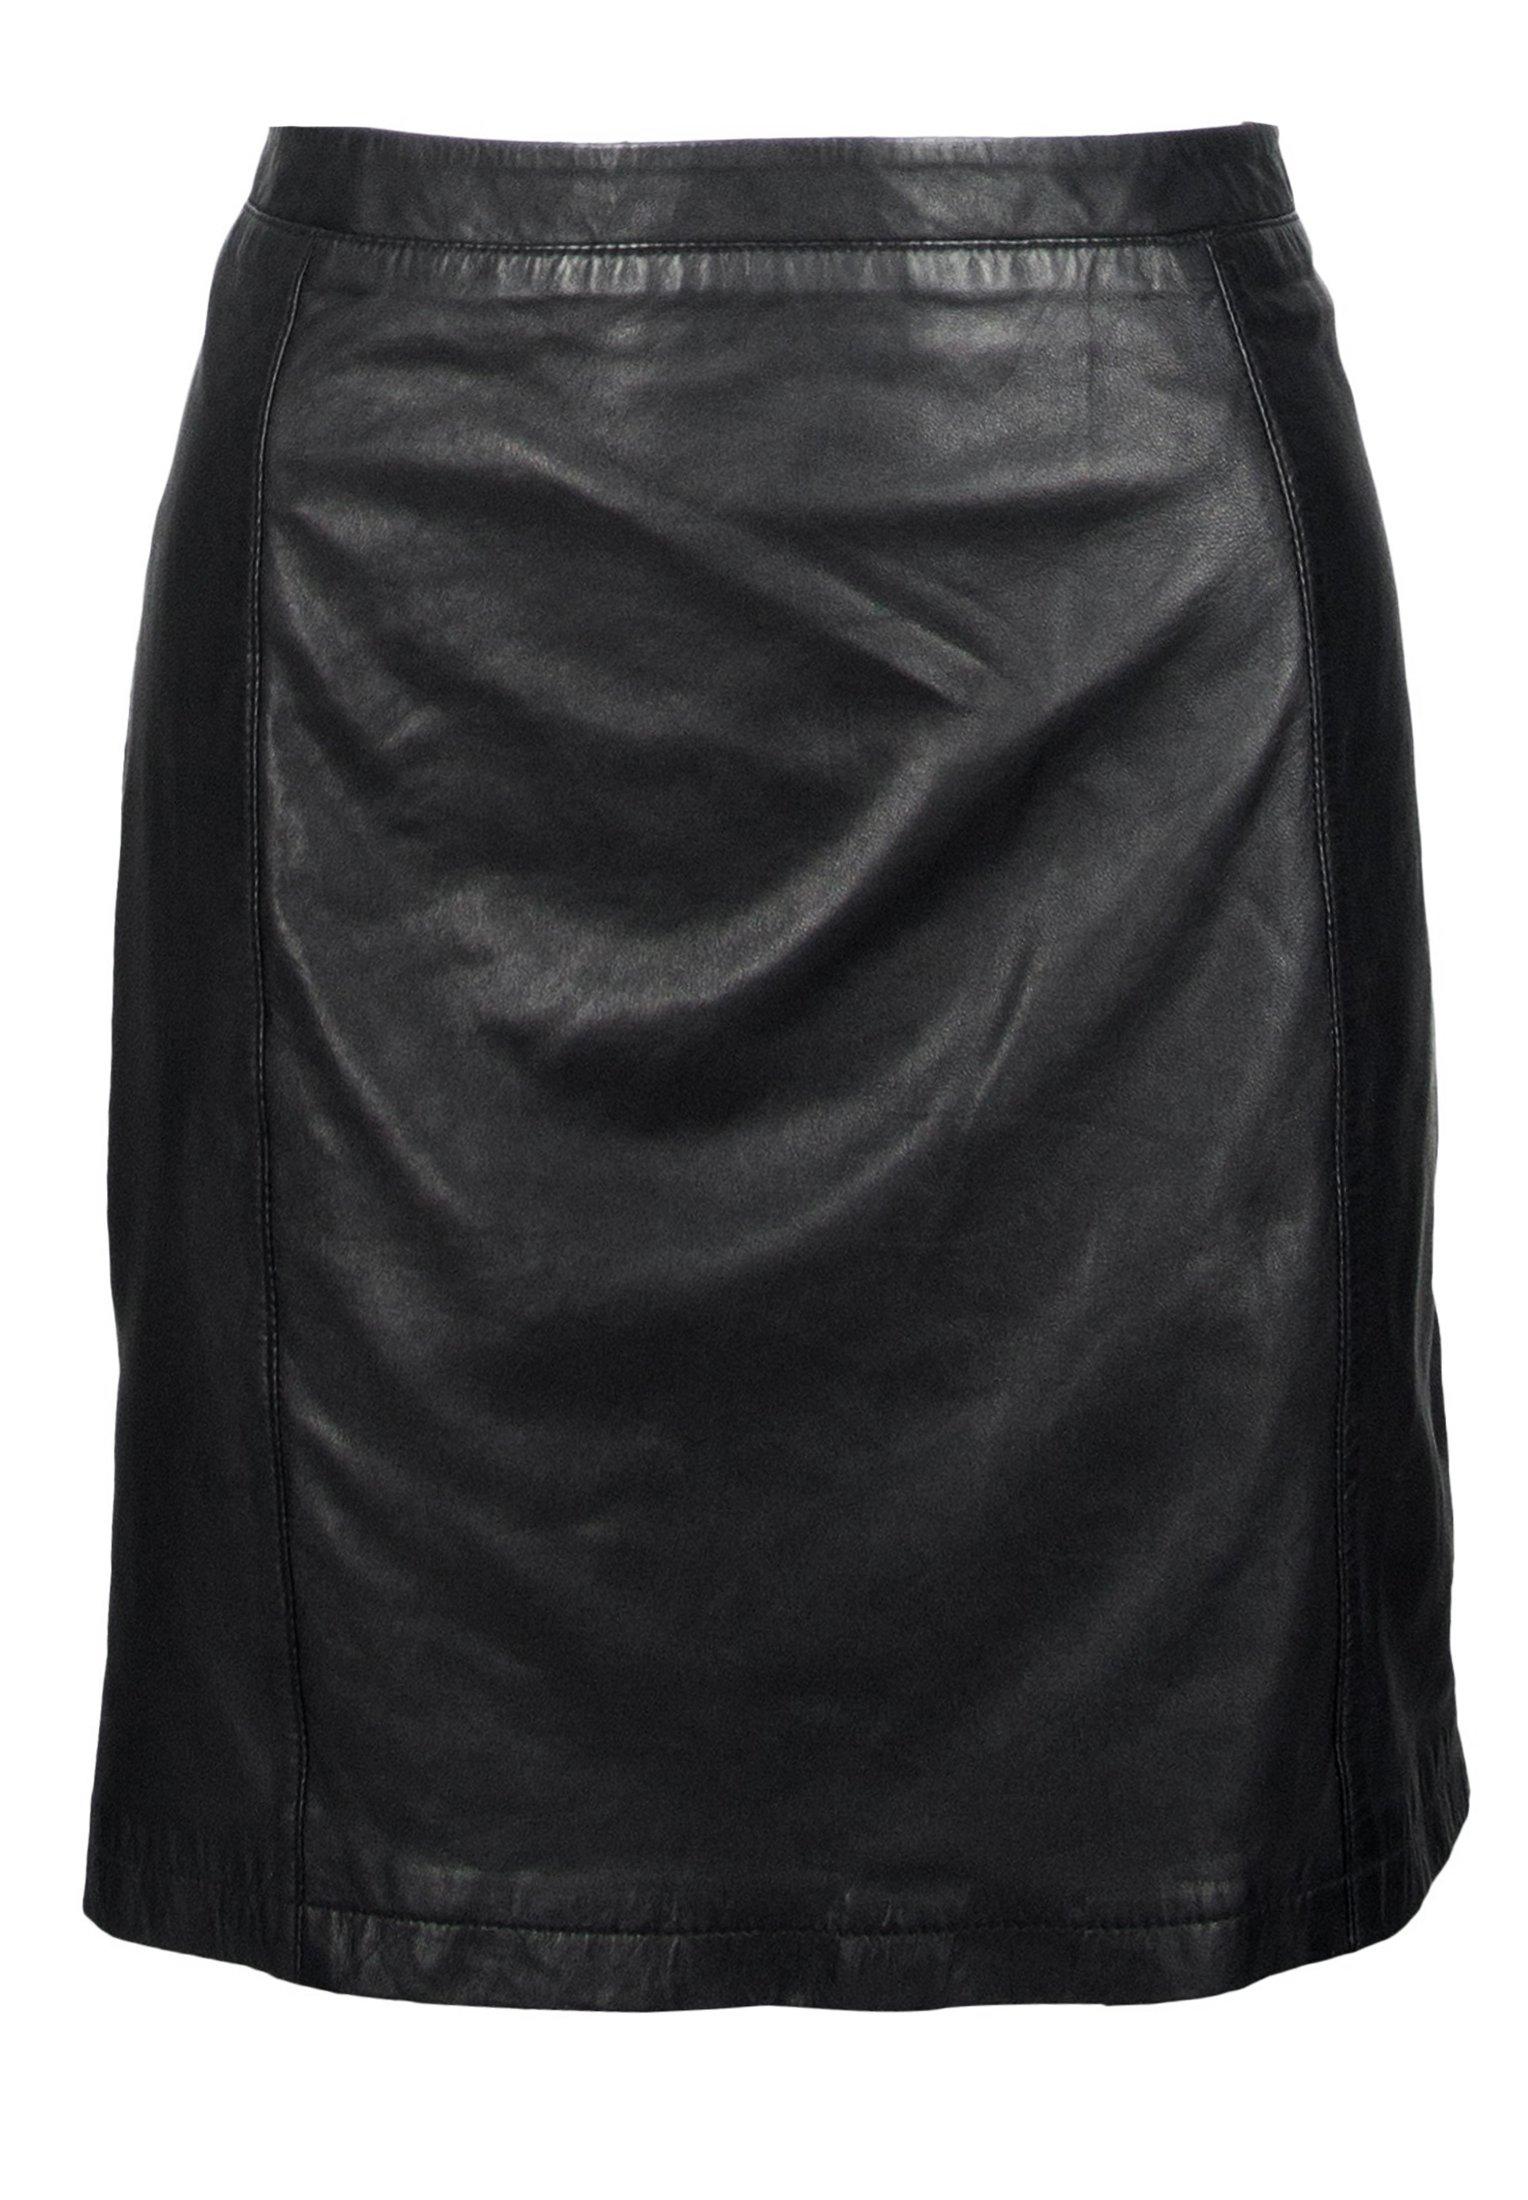 Femme NEEDA LN - Jupe en cuir